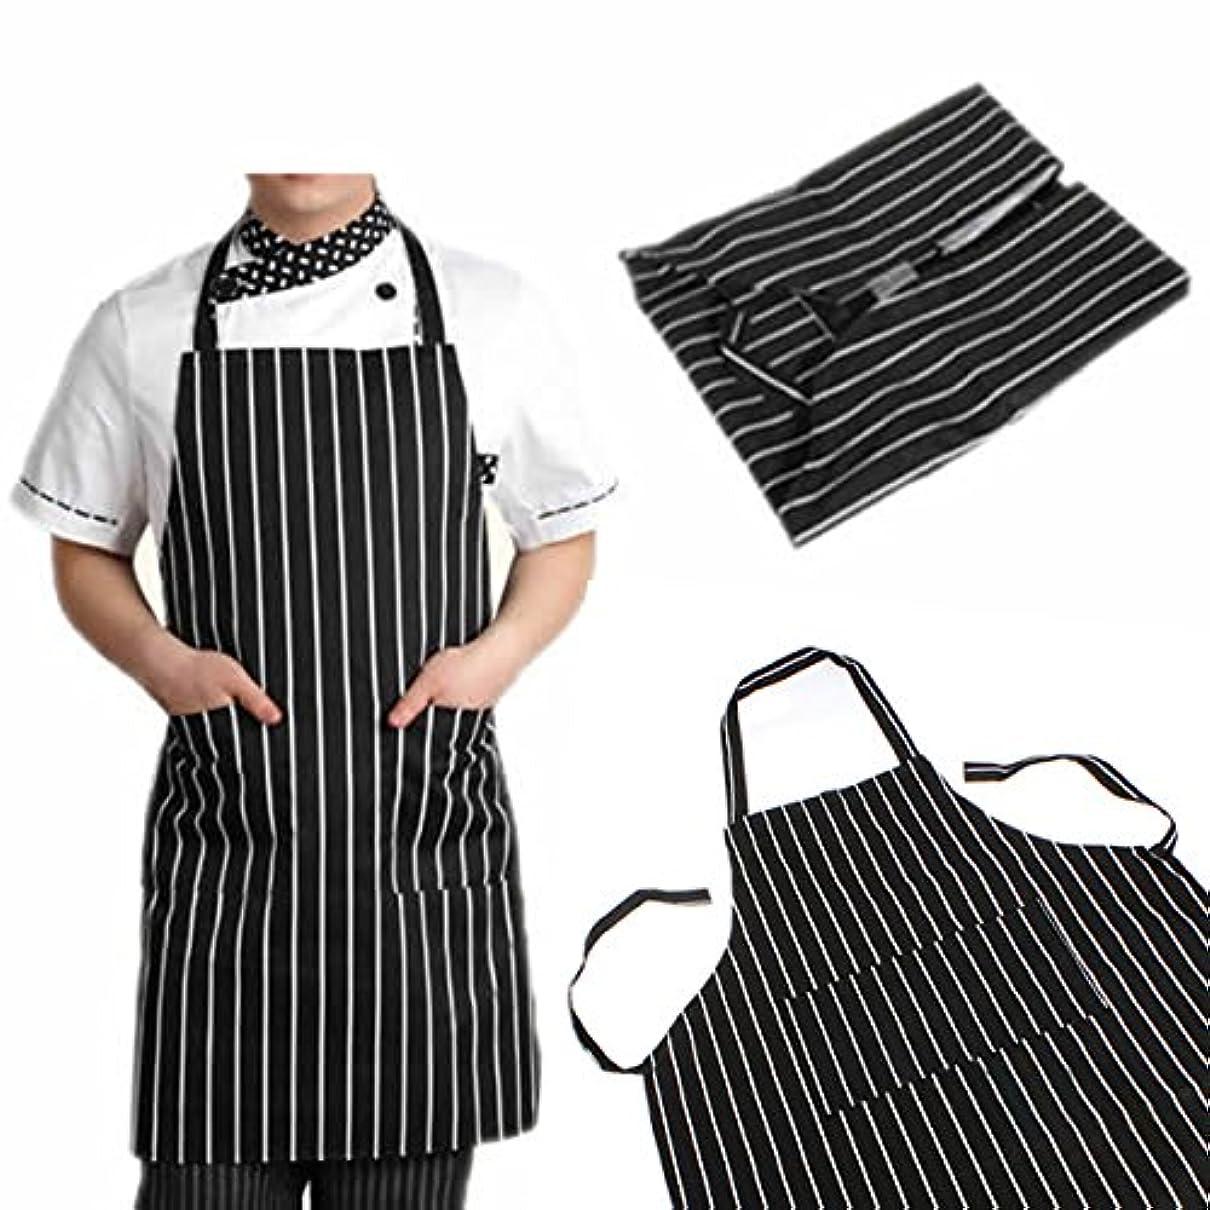 またはどちらか真珠のようなぼろattachmenttou ブラックストライプビブエプロン 2つのポケット付き キッチン料理 耐久性のある 有用 調節可能な 大人